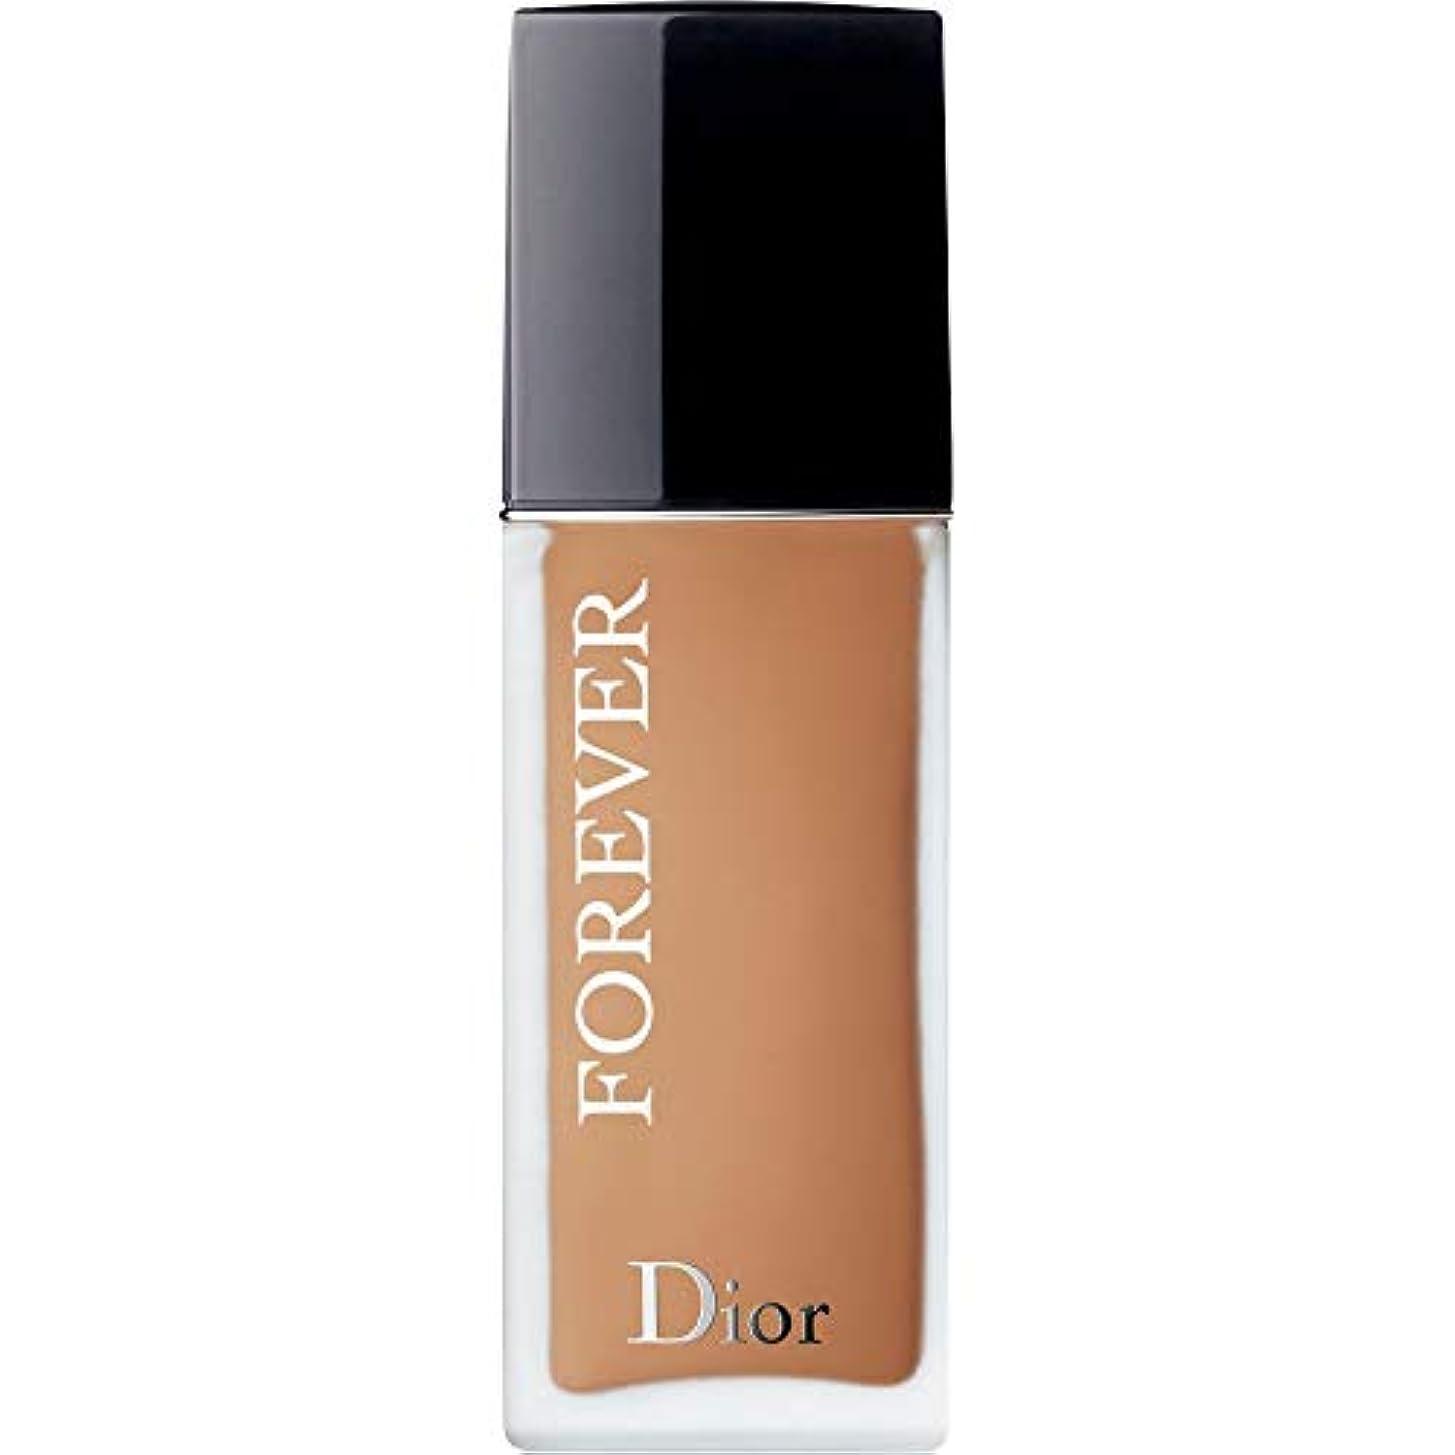 ソフィー贈り物付与[Dior ] ディオール永遠皮膚思いやりの基盤Spf35 30ミリリットルの4.5ワット - 暖かい(つや消し) - DIOR Forever Skin-Caring Foundation SPF35 30ml 4.5W...